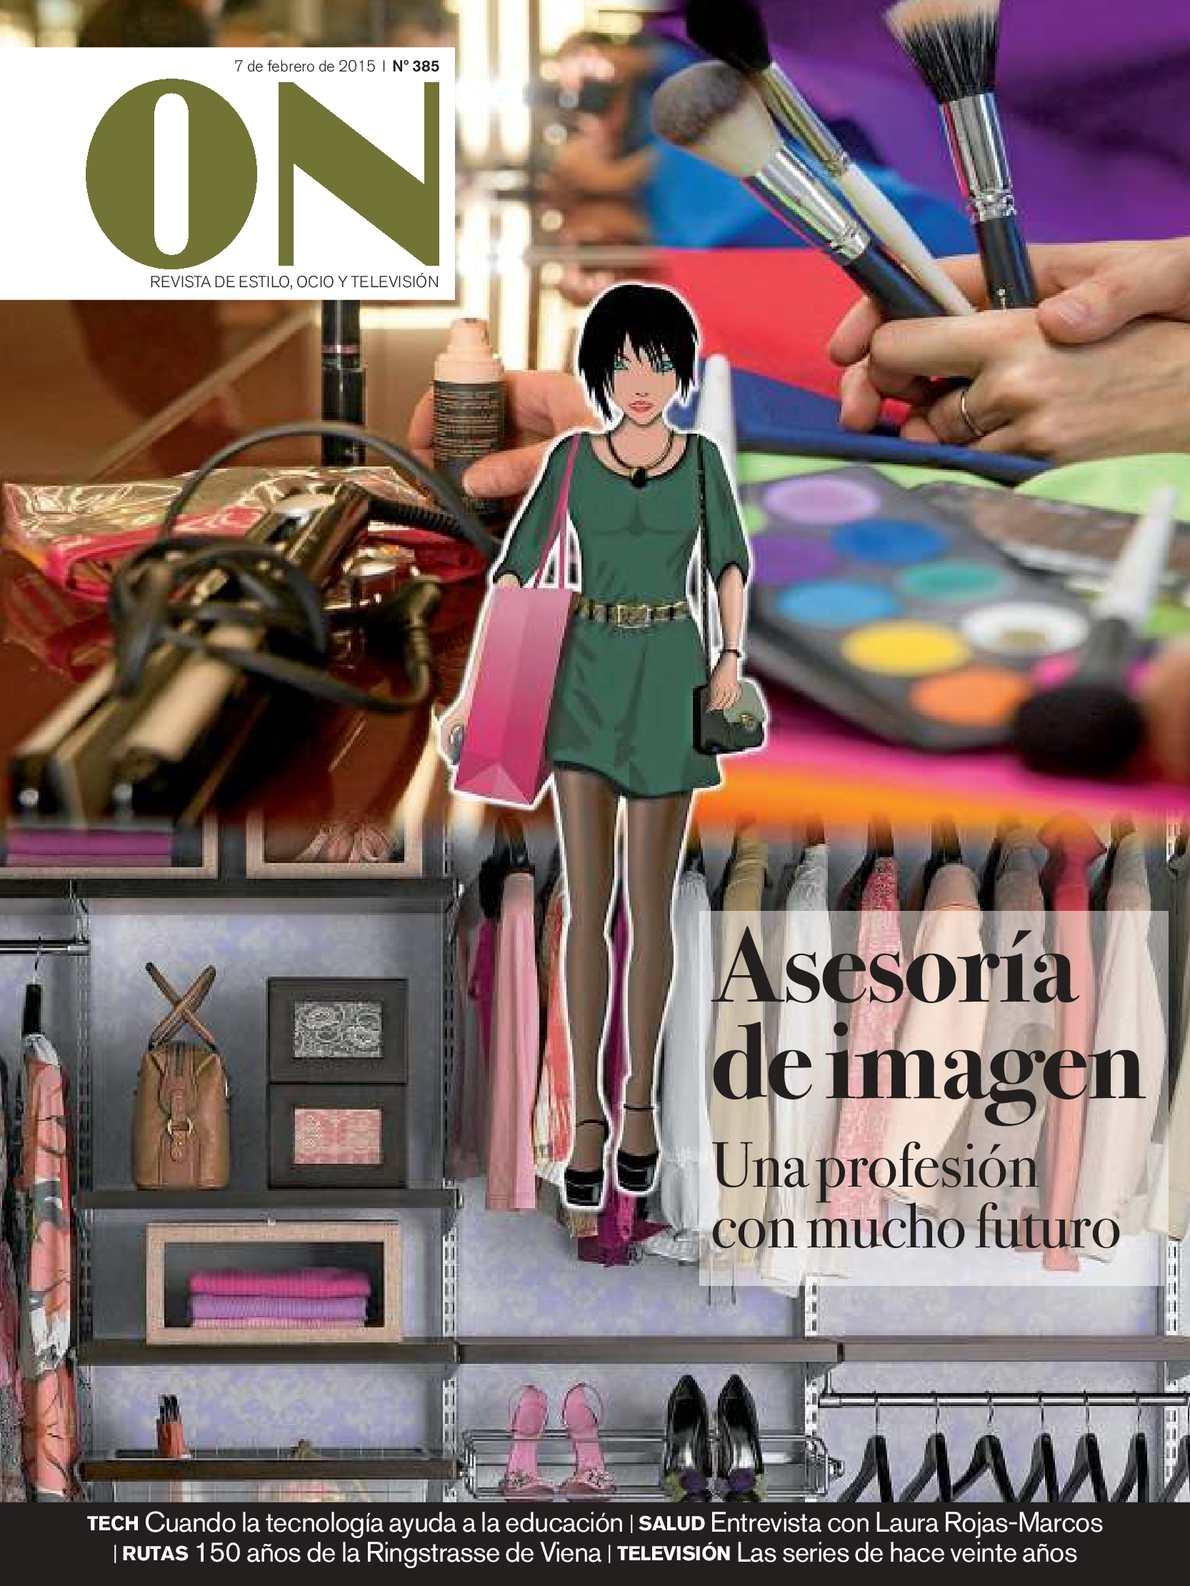 ON Revista de Ocio y Estilo 20150207